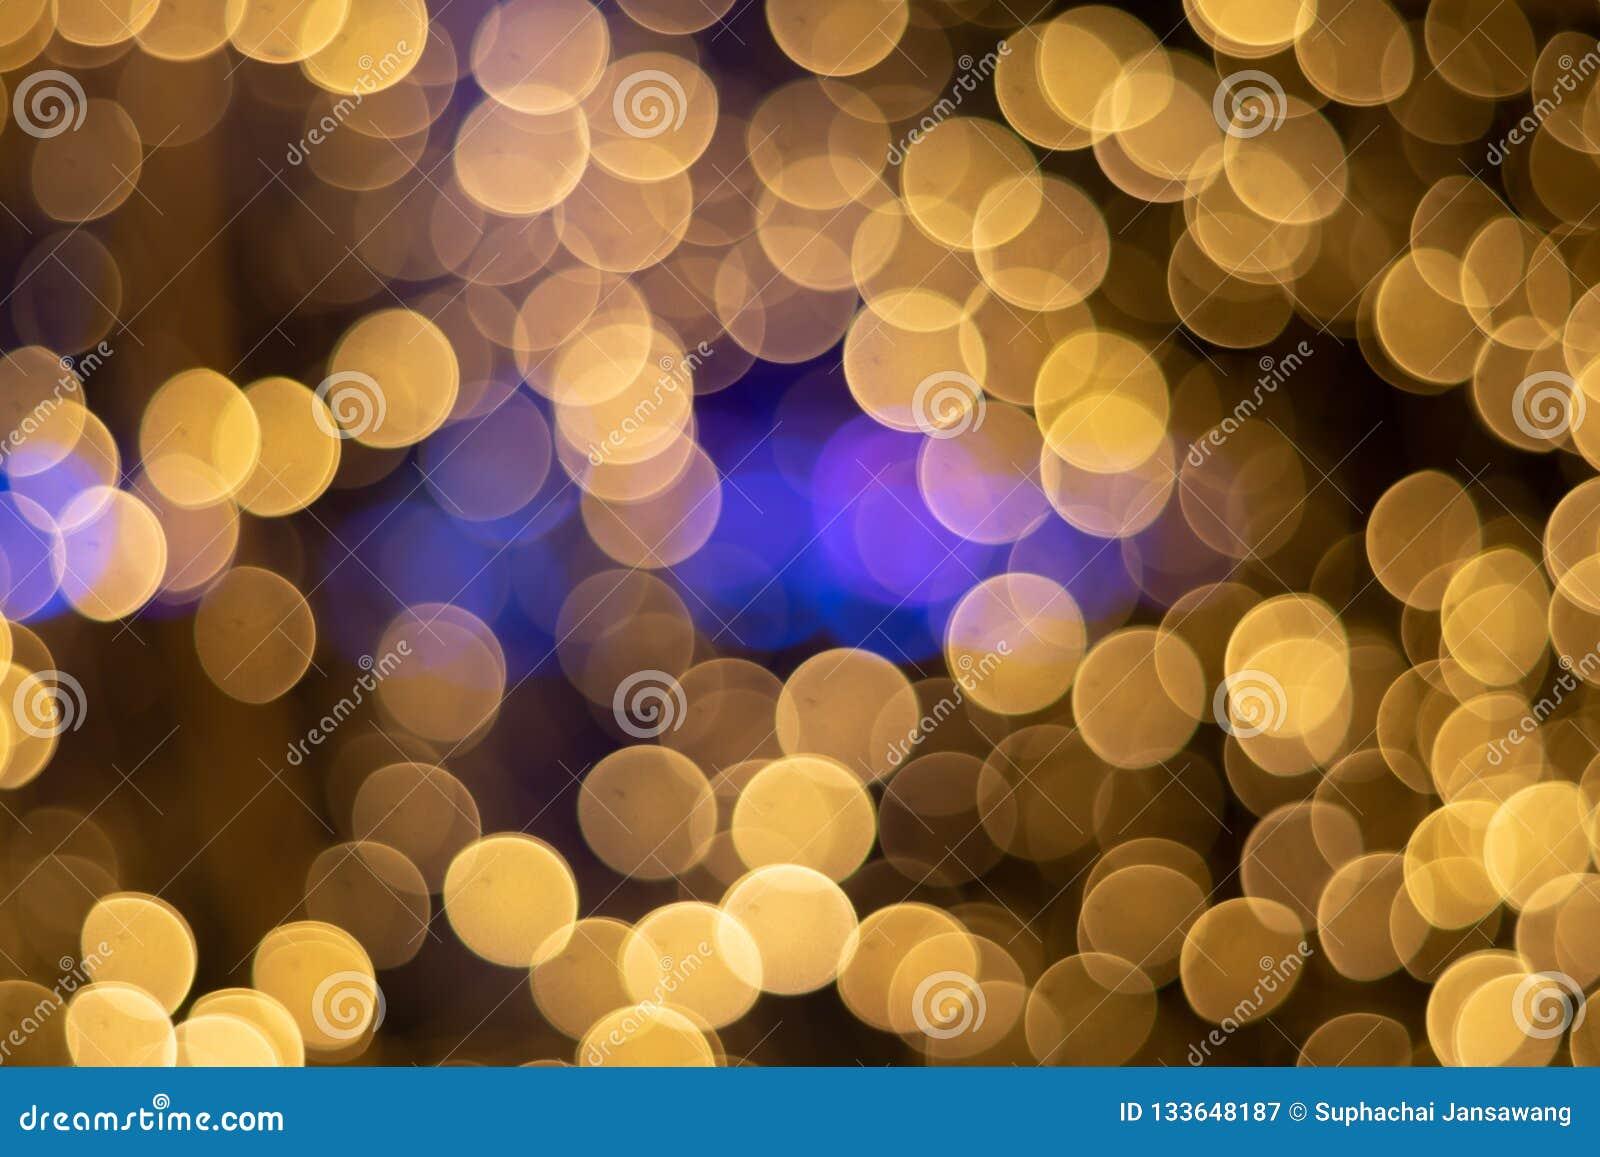 χρυσό ελαφρύ υπόβαθρο κύκλων Bokeh ฺChristmas beautiful light